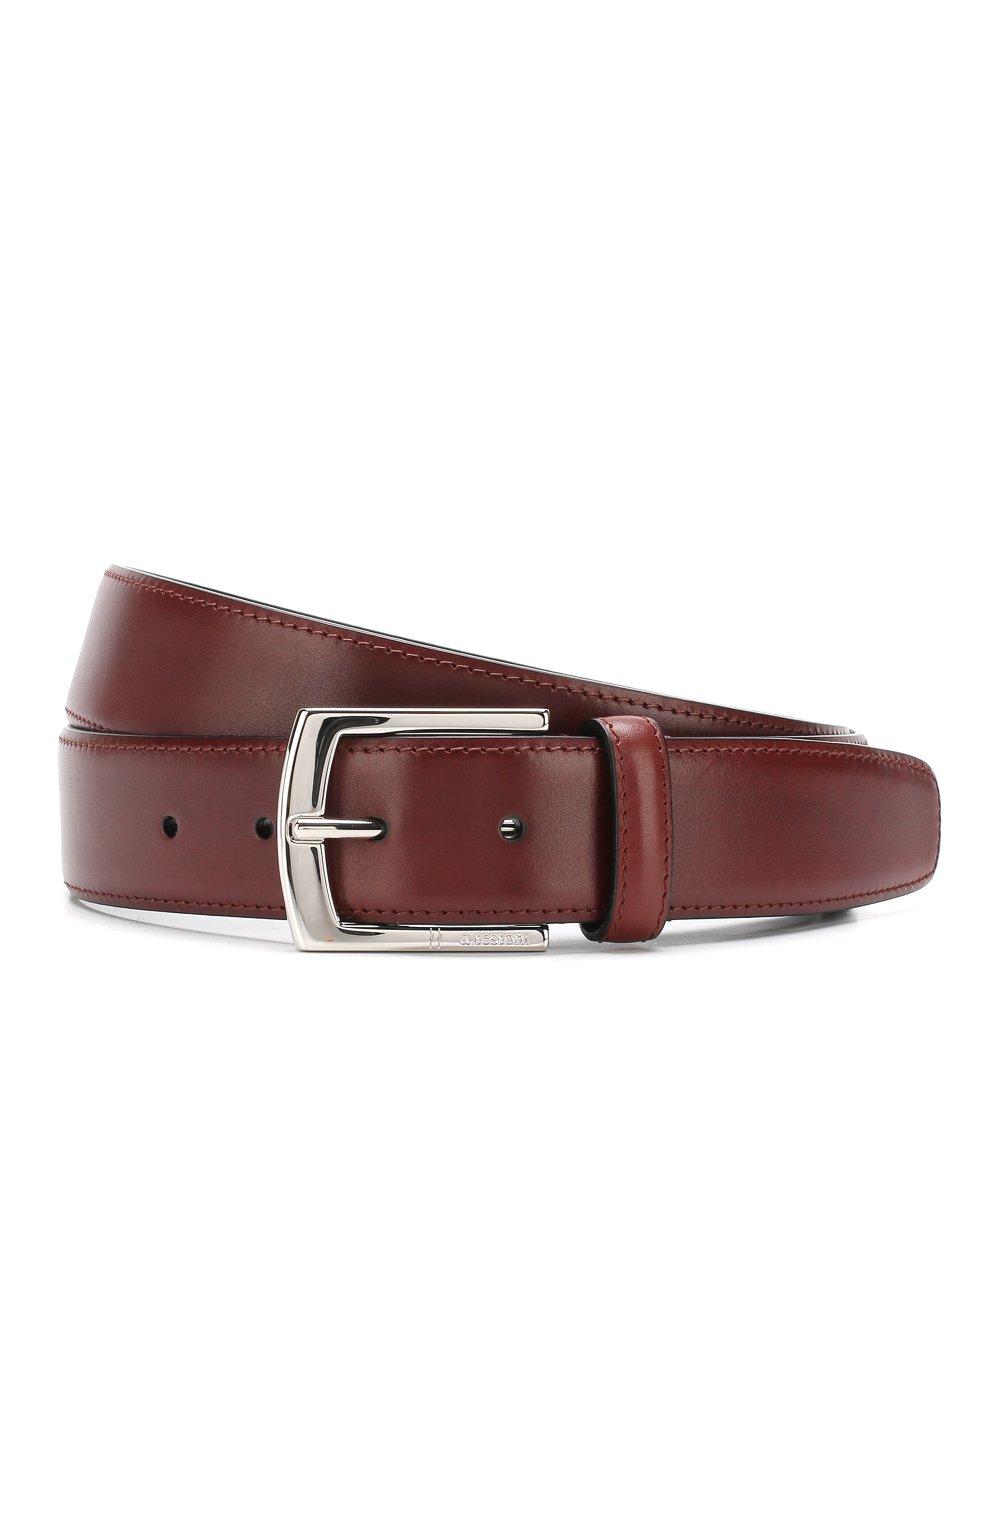 Мужской кожаный ремень с металлической пряжкой A. TESTONI бордового цвета, арт. CD03053/98061ARN8 | Фото 1